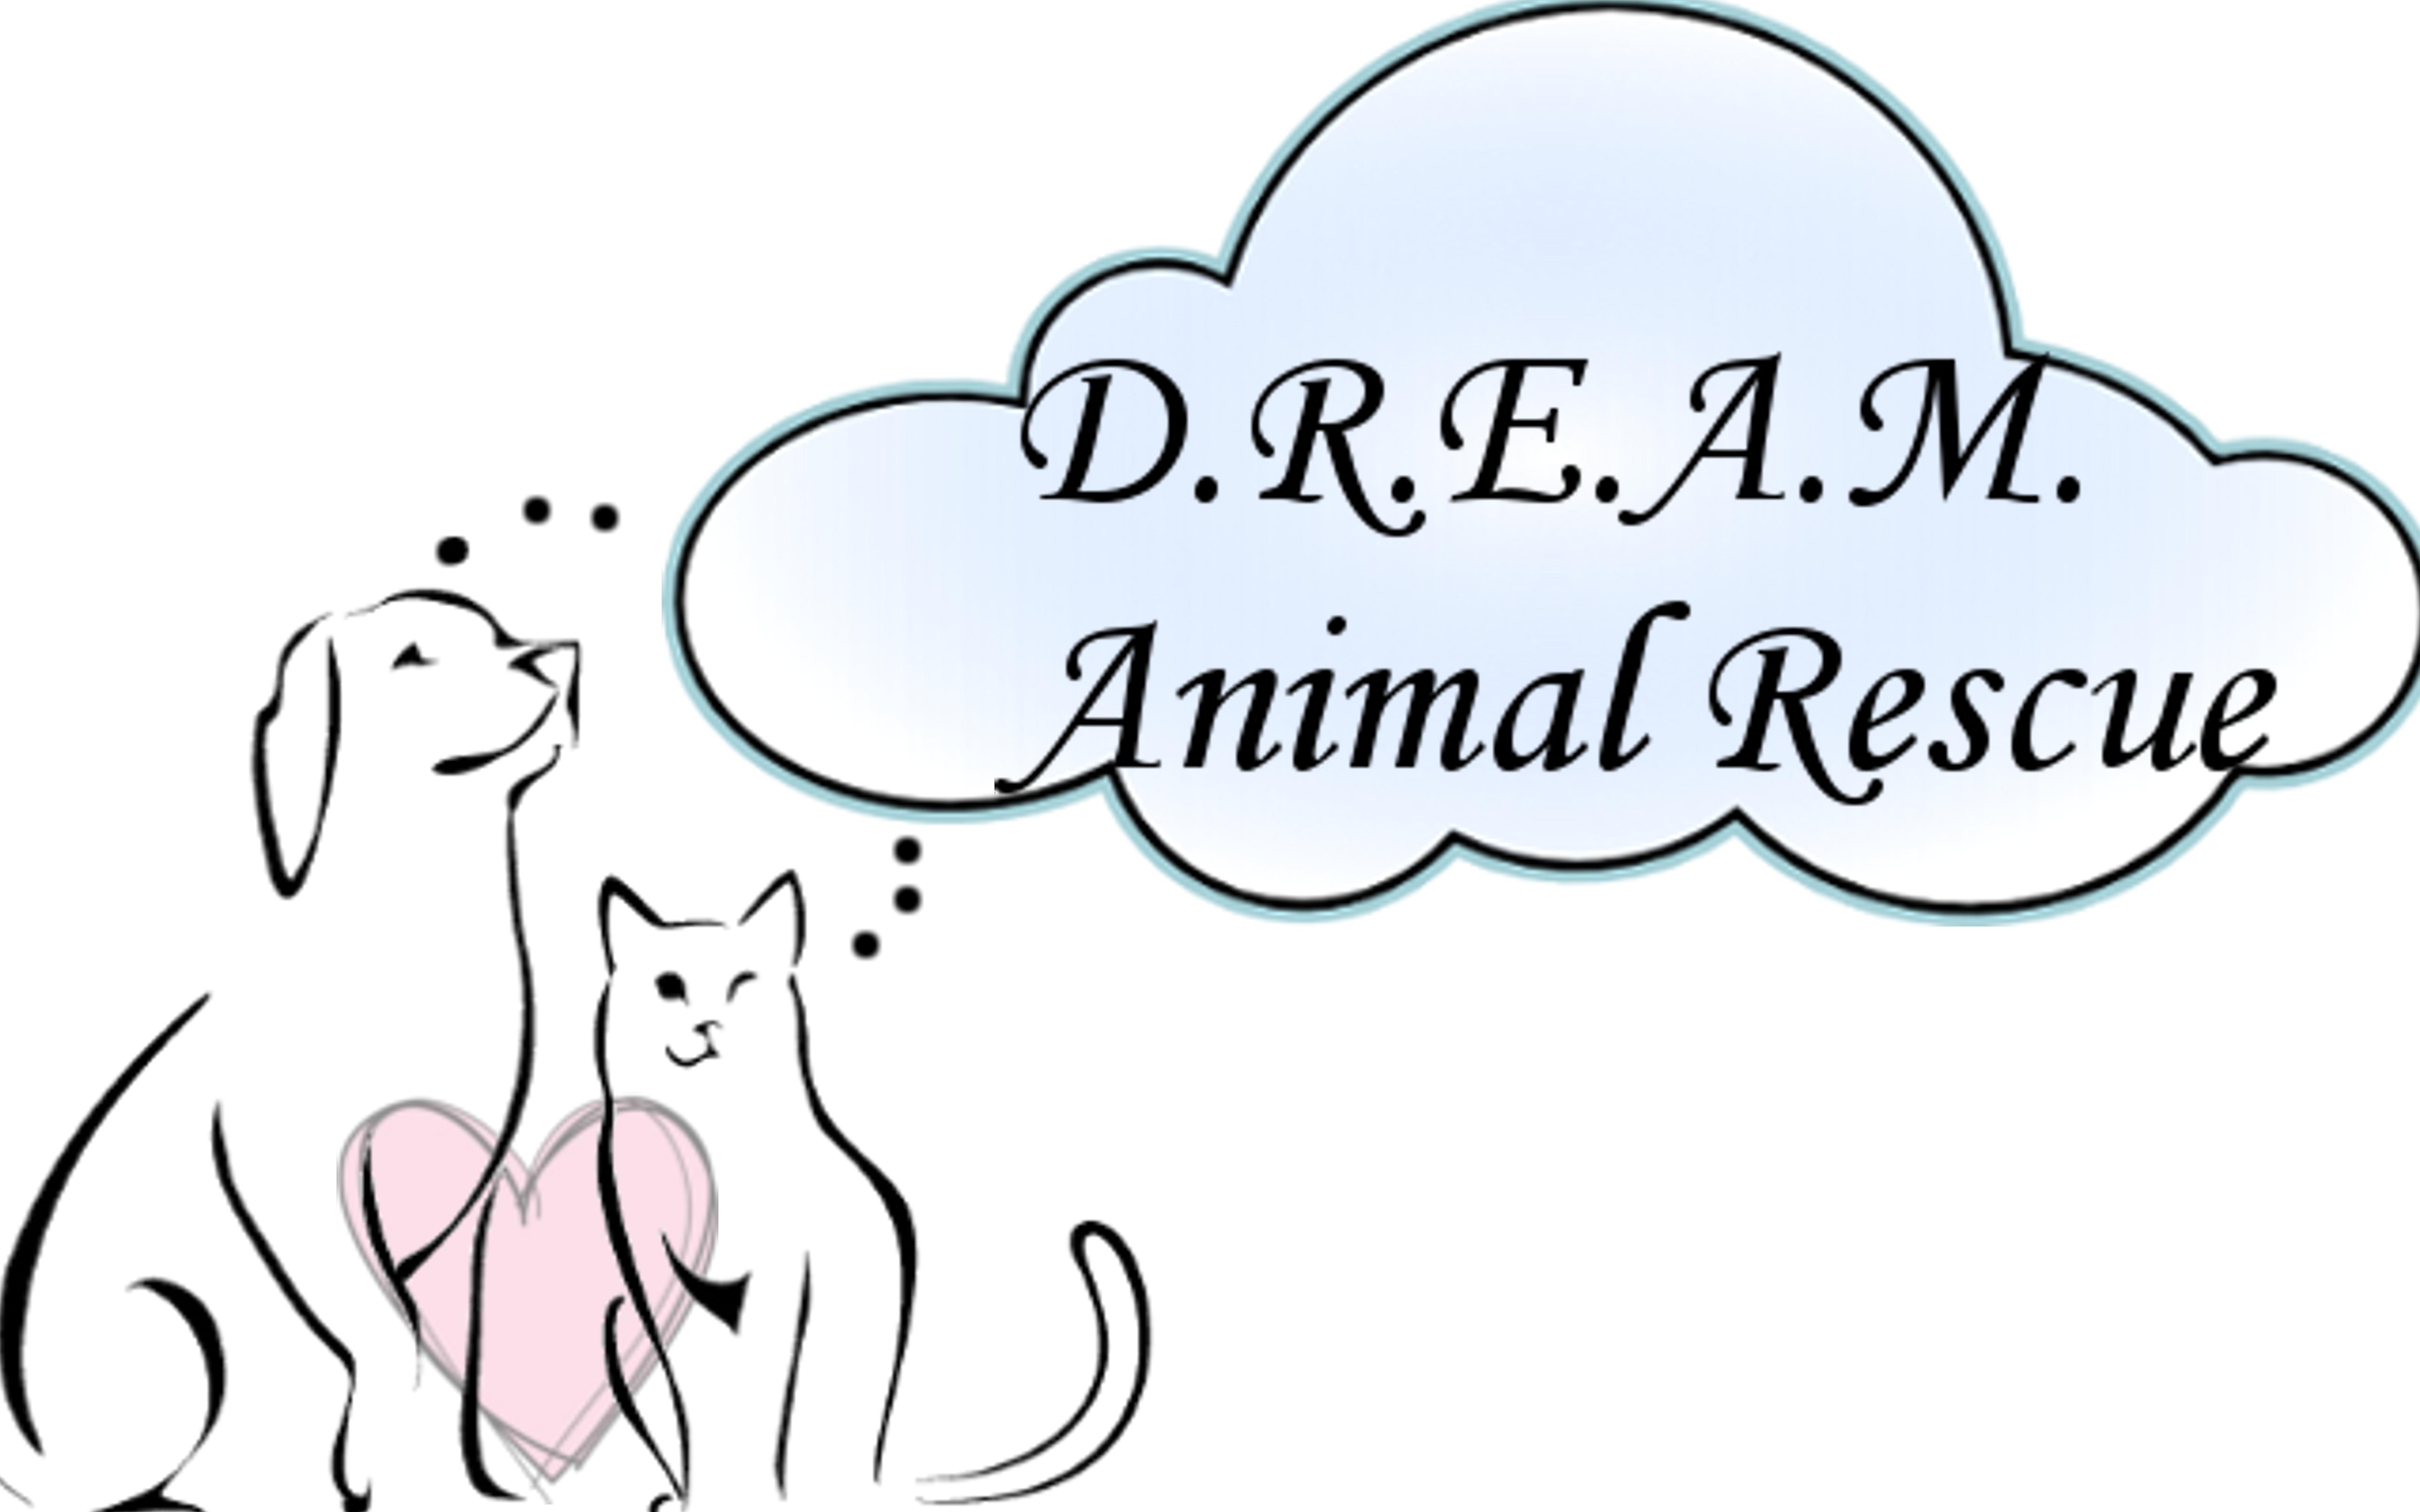 D.R.E.A.M. Animal Rescue